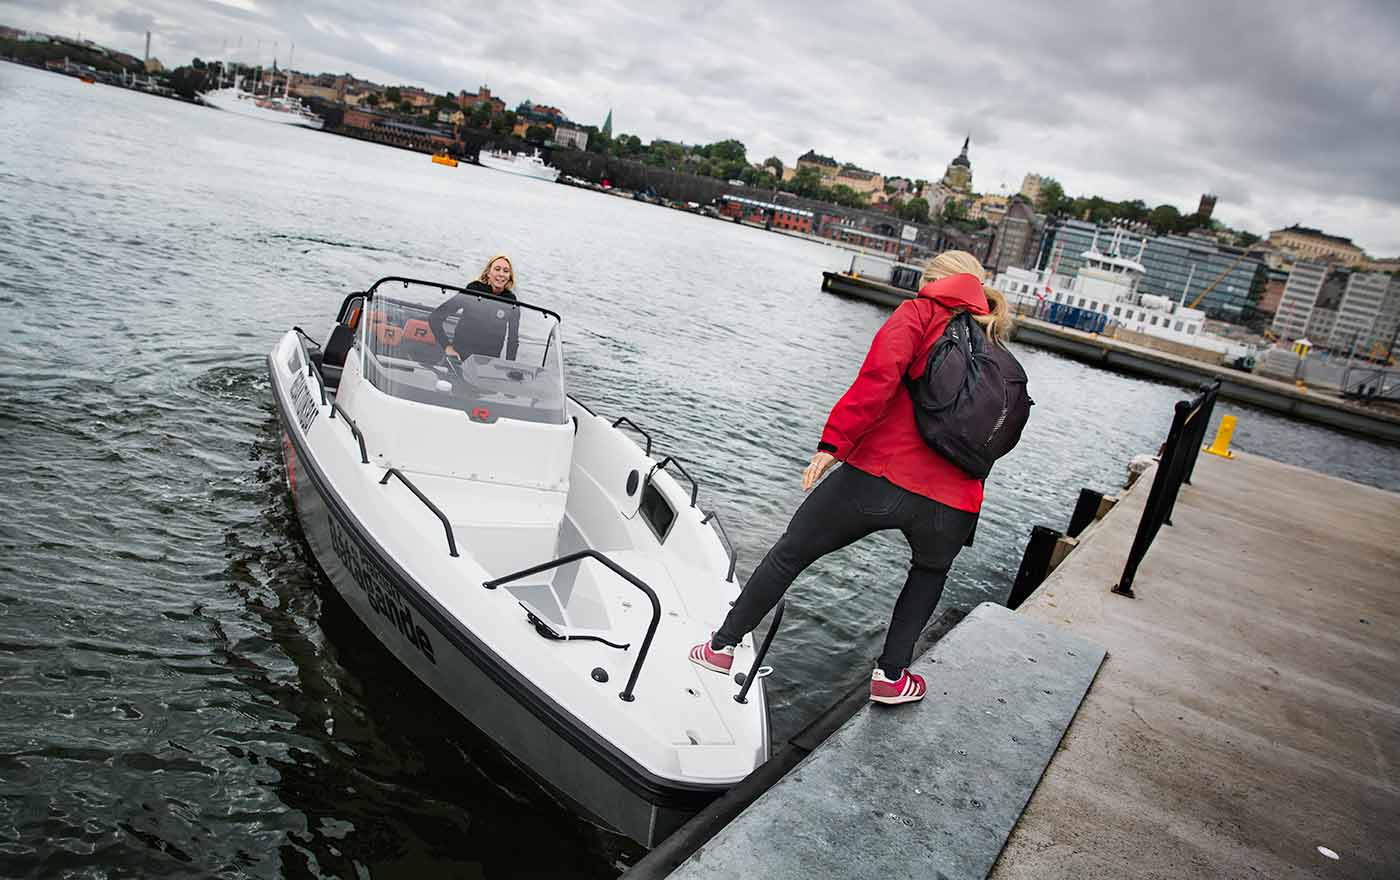 9.00 På väg mot Strömma Anna Sandgren är chefredaktör för Praktiskt Båtägande, men jobbar också mycket med tidningen Båtnytt. Den här dagen tar hon redaktionsbåten från Djurgården till Strömma. Dagen är vigd åt att testköra två nya vattenskotrar och en ribbåt.